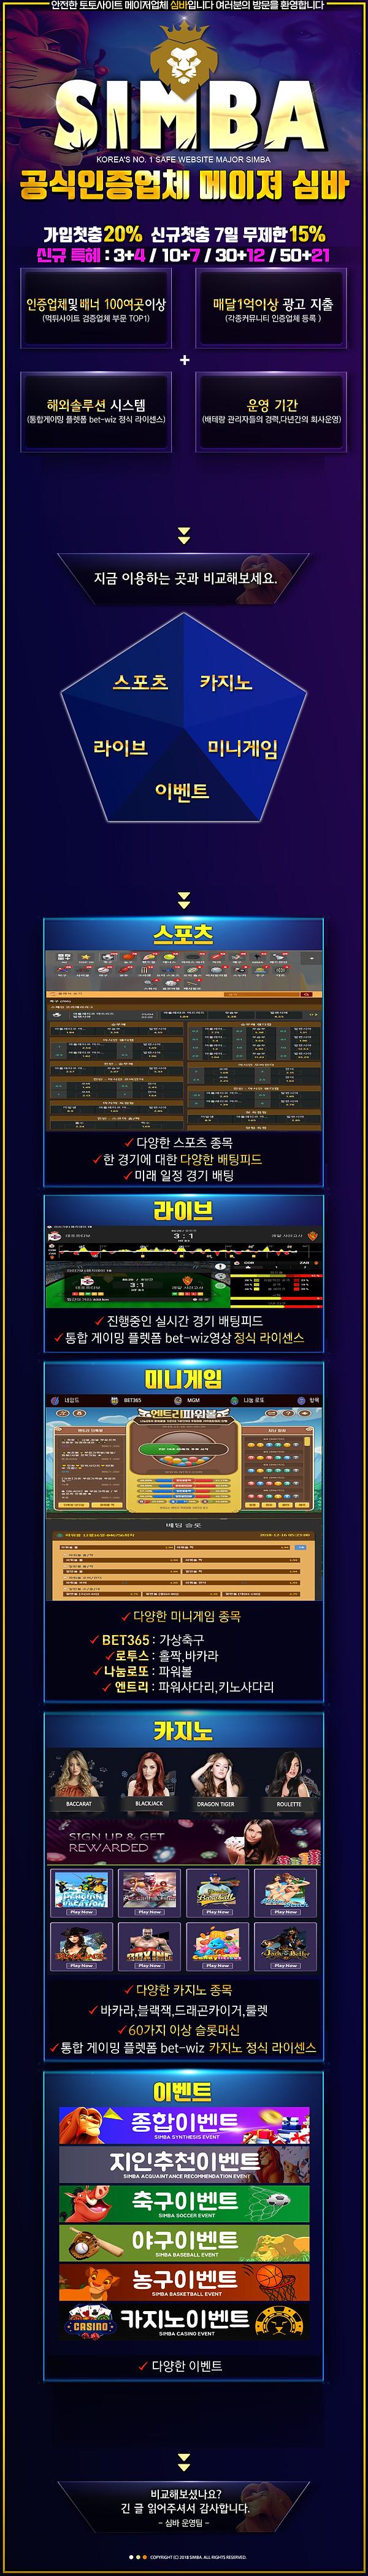 심바 이벤트 게임종류.jpg